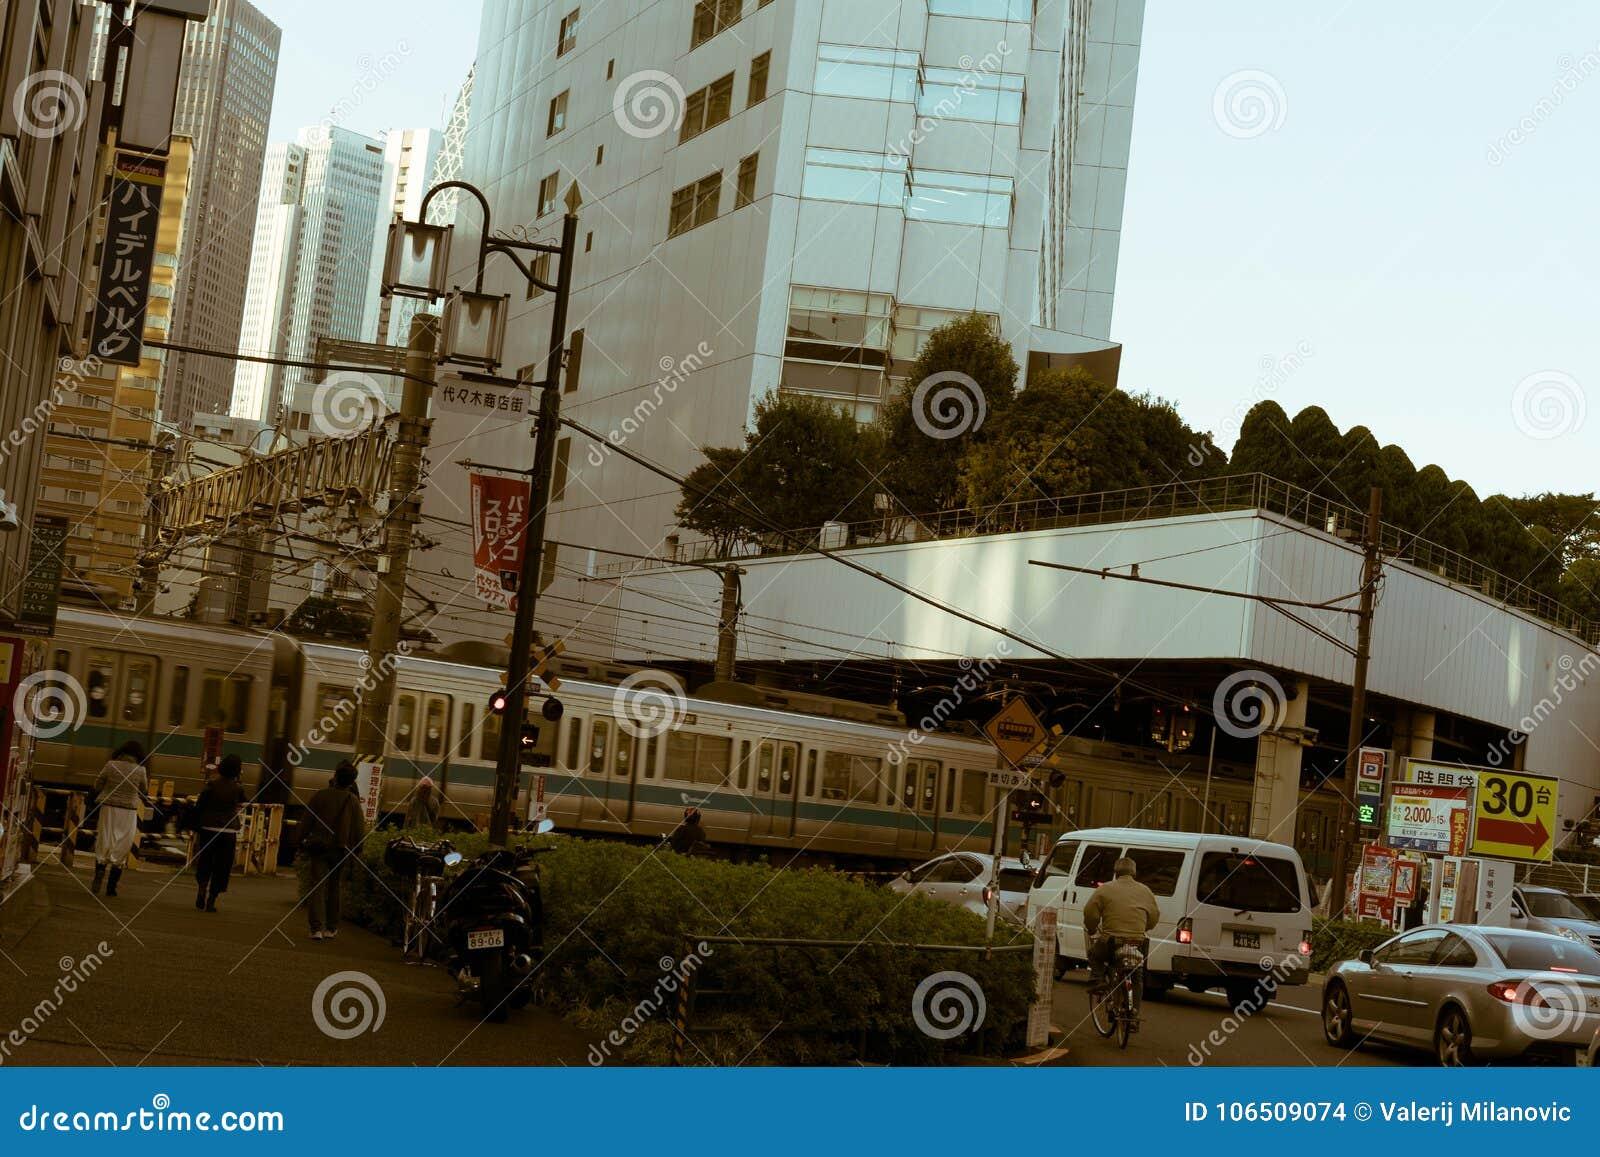 Równy skrzyżowanie z pociągu pociągiem przechodzi w Tokio, Japonia